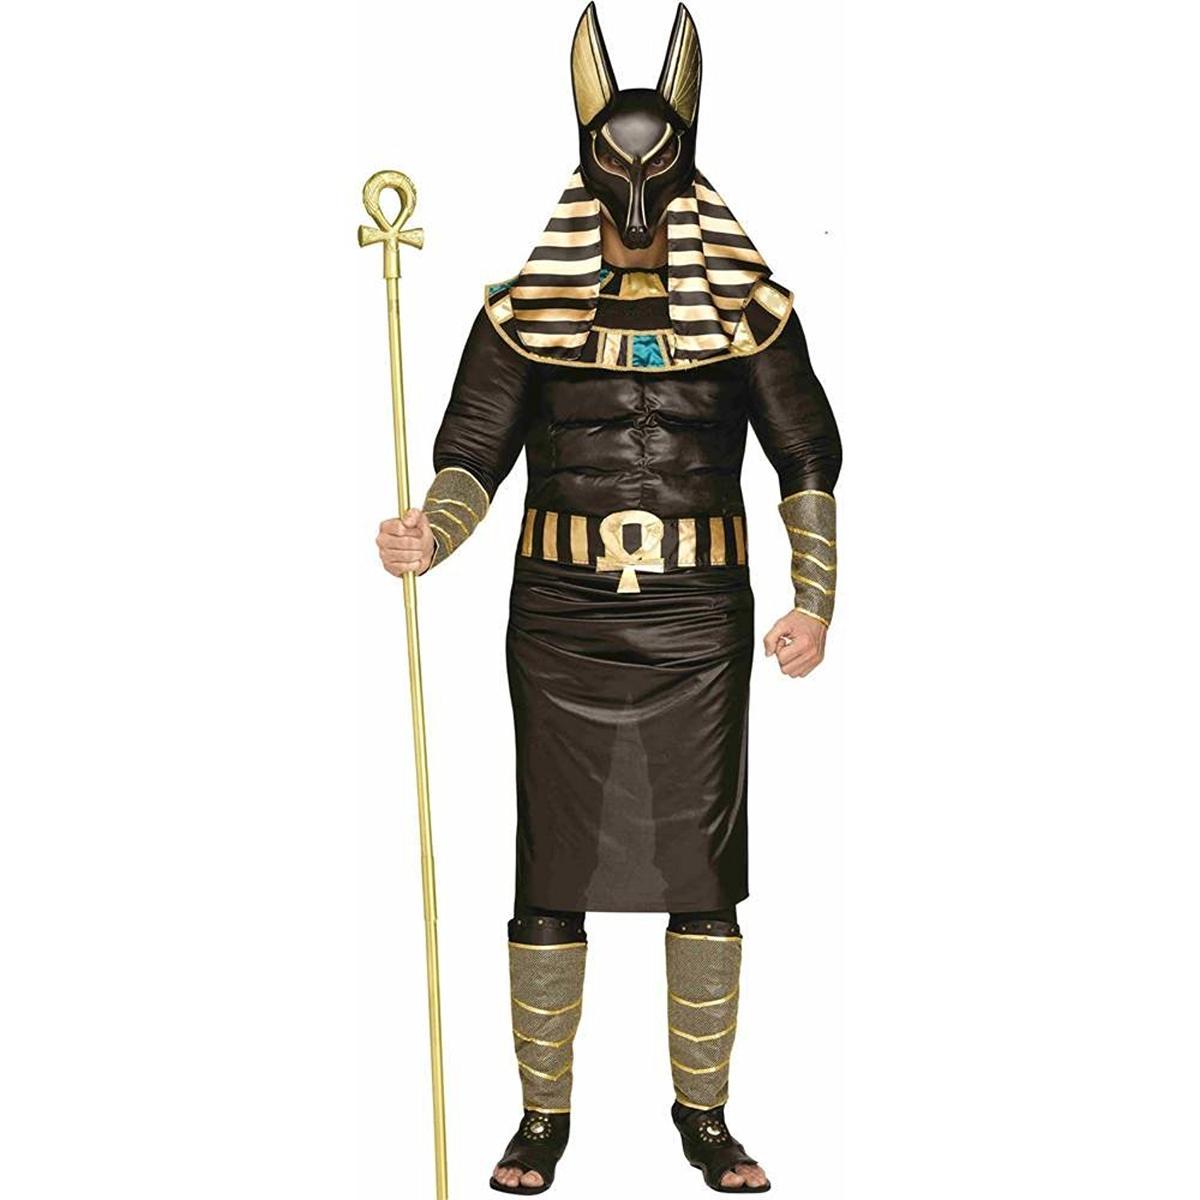 ハロウィン アヌビス 山犬 大人用 コスプレ コスチューム エジプト神話 キャラクター 仮装 衣装 年賀状 戌年